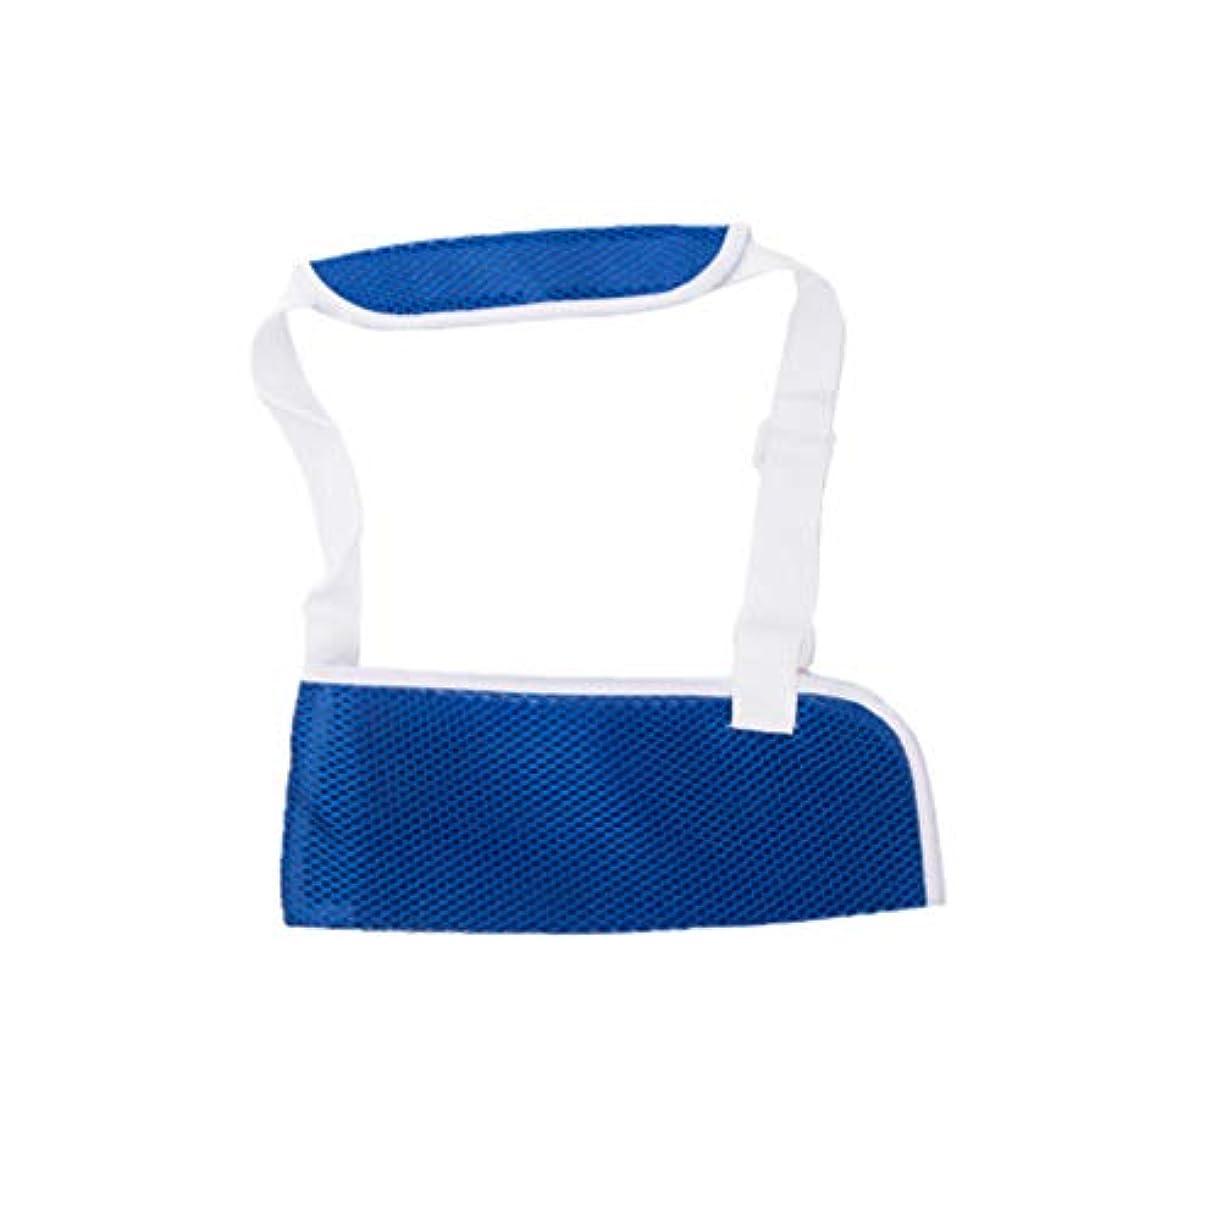 眉出口金銭的なHealifty アームスリング通気性アームサポートブレースショルダーストラップ骨折した腕用(サイズs)